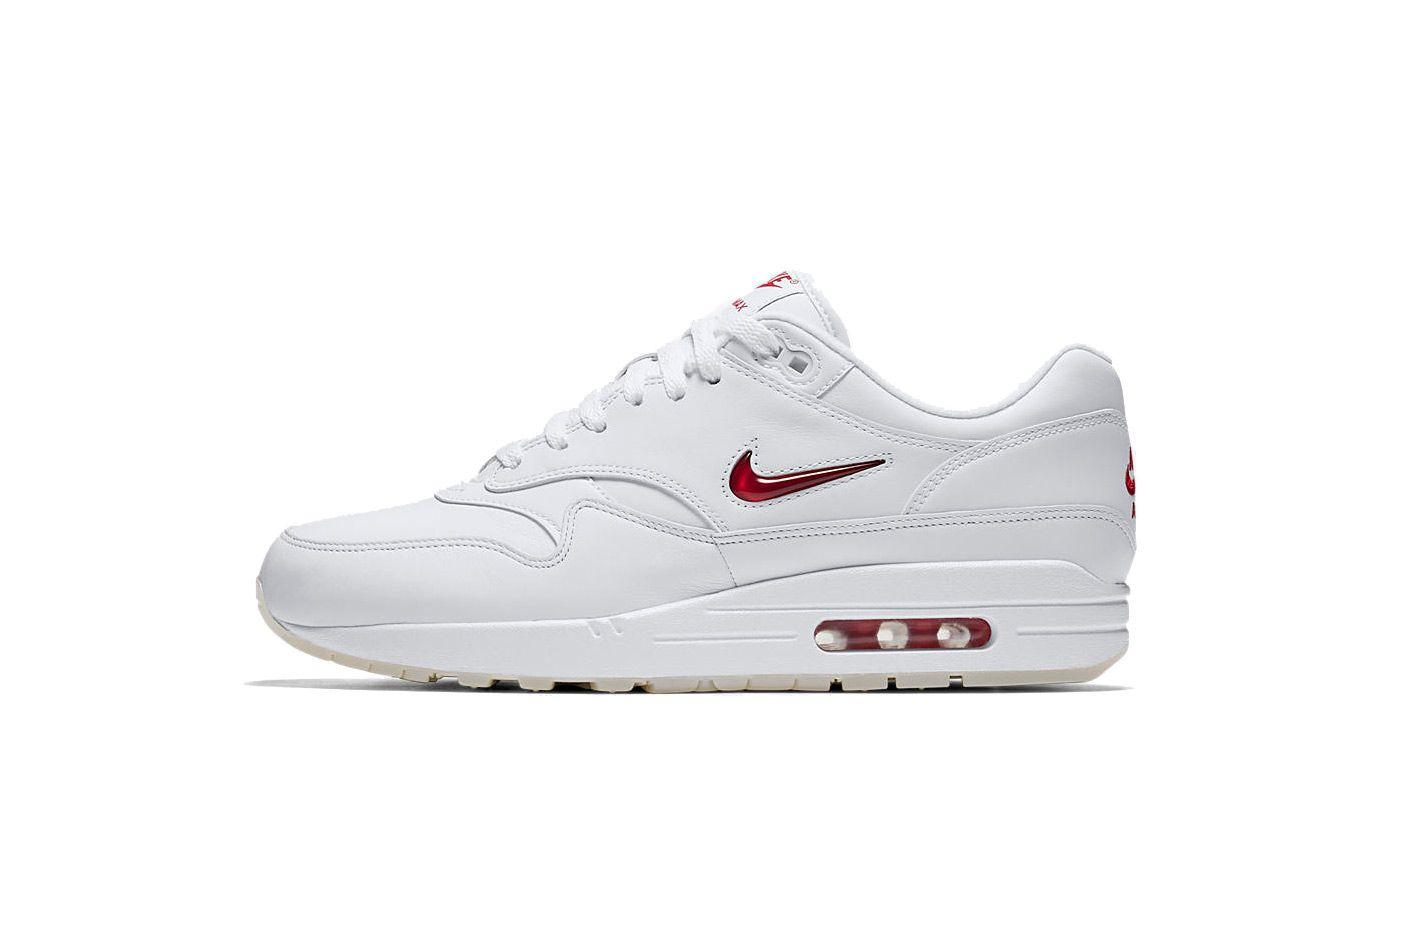 f92461bc3aa5 Nike s Air Max 1